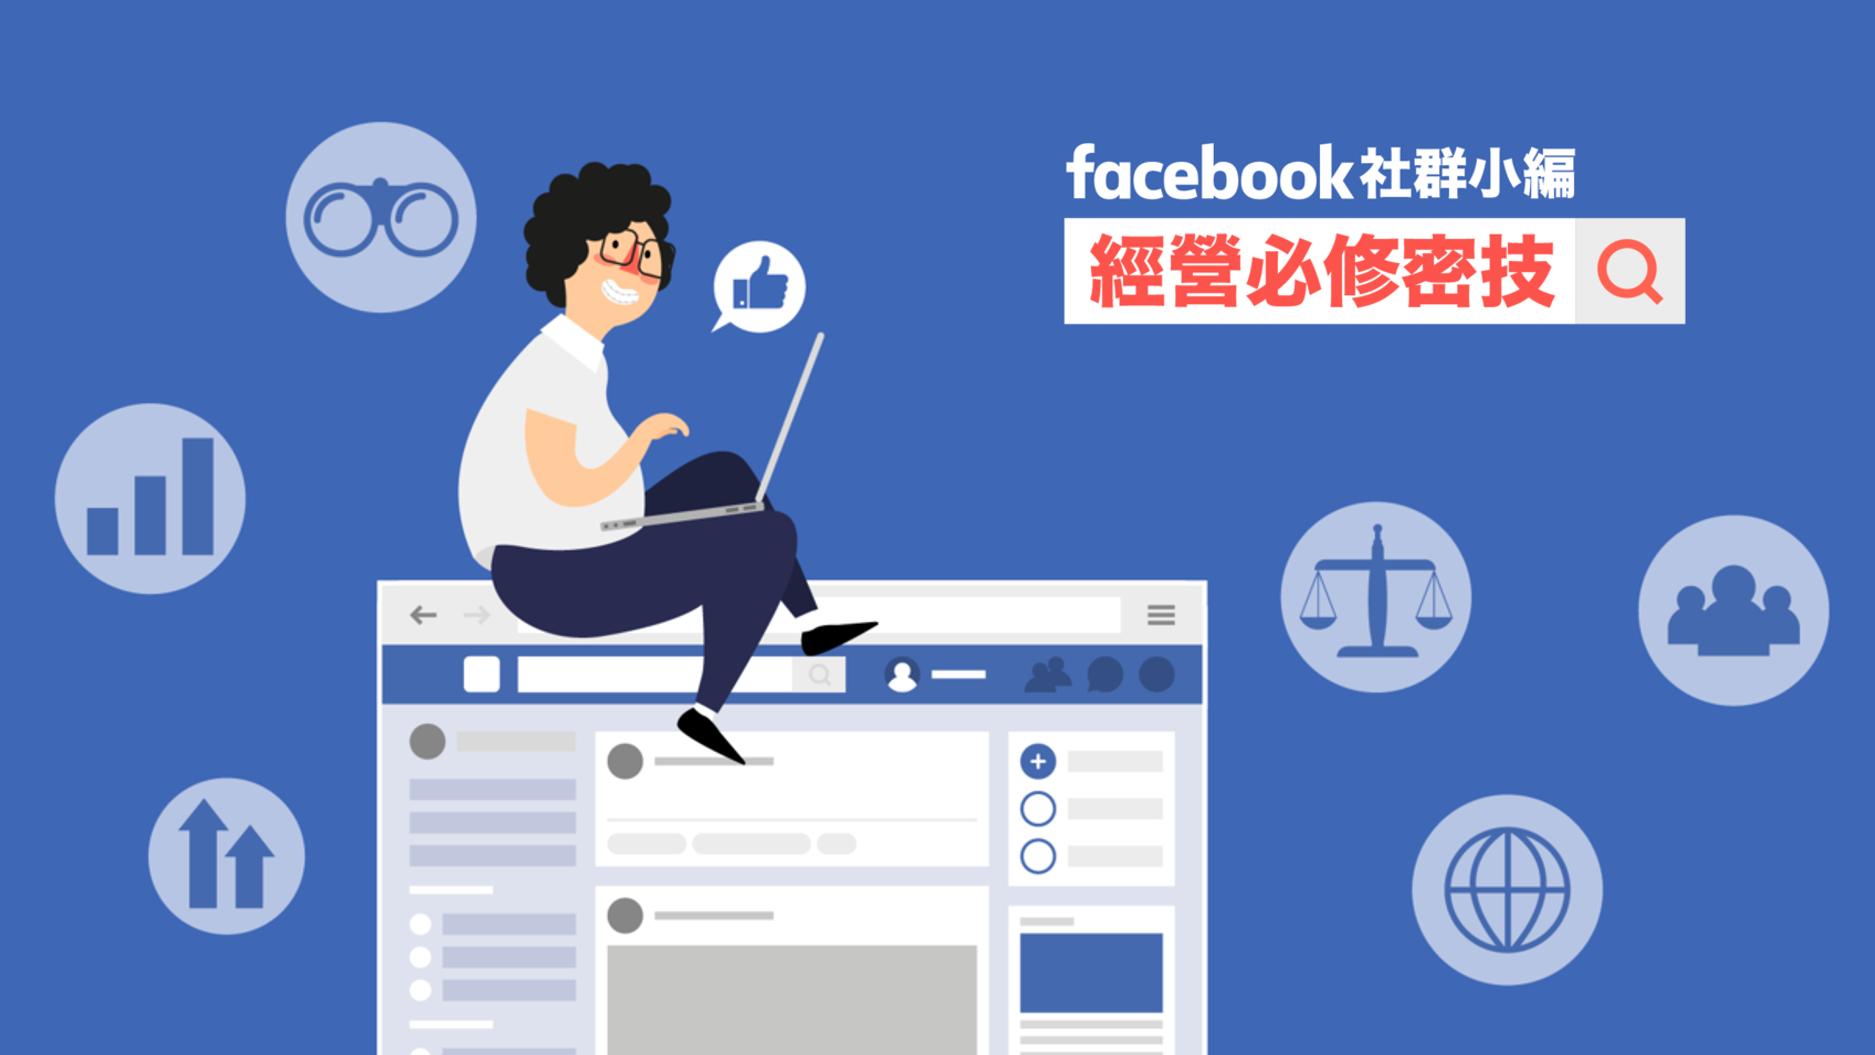 【 社群經營力】Facebook社群行銷經營必修密技